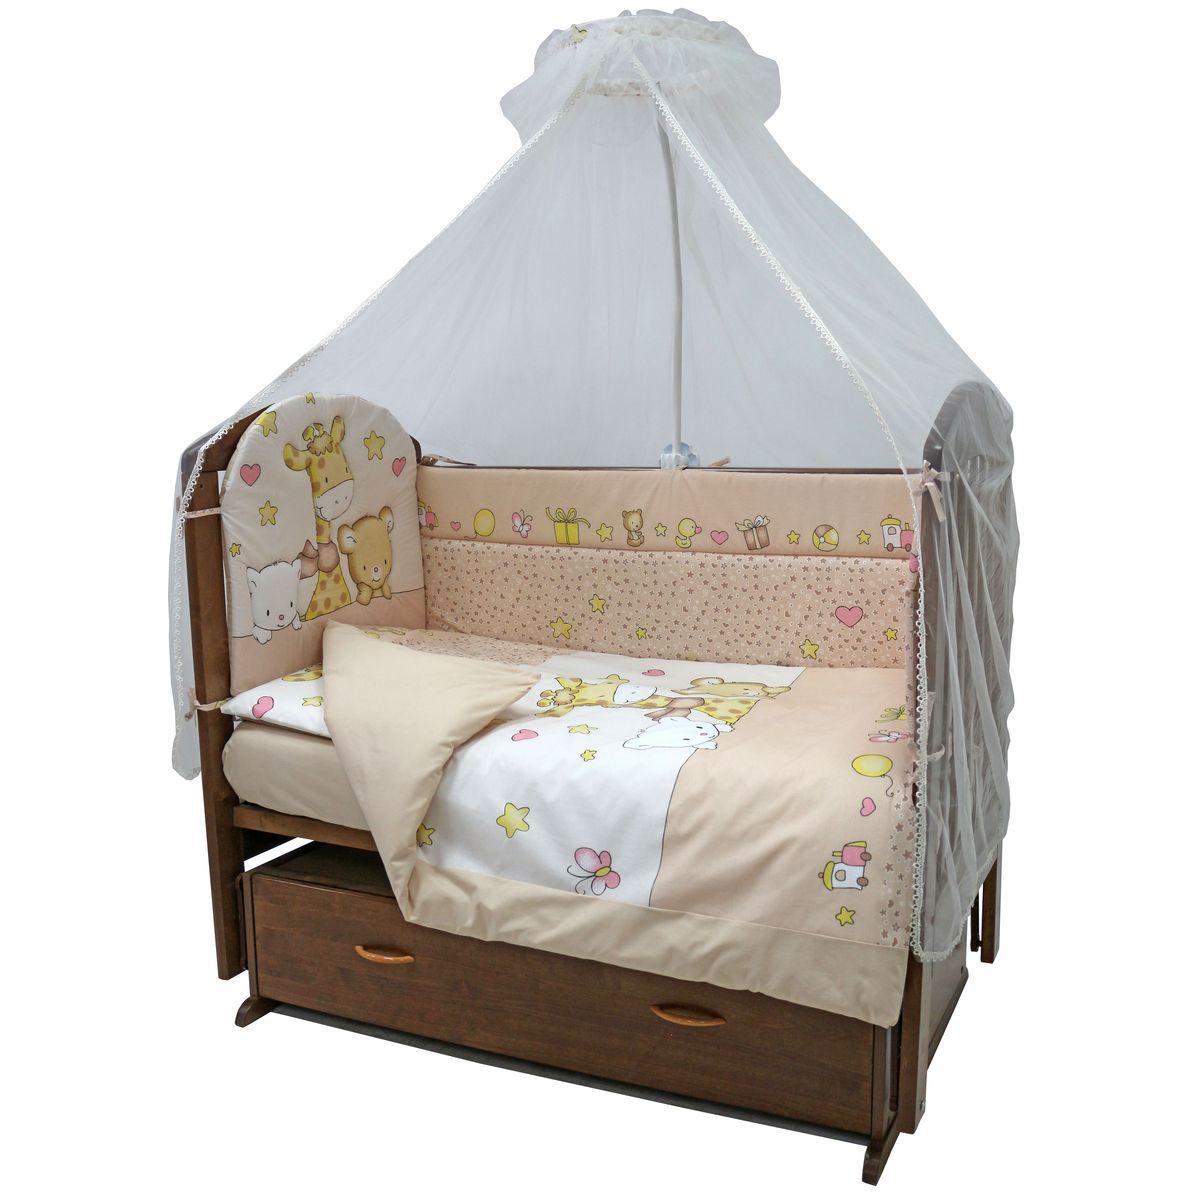 Комплект постельного белья из 7 предметов включает все необходимые элементы для детской кроватки.  Комплект создает для Вашего ребенка уют, комфорт и безопасную среду с рождения, современный дизайн и цветовые сочетания помогают  ребенку адаптироваться в новом для него мире.   Комплекты «Топотушки» хорошо вписываются в интерьер как детской комнаты, так и спальни родителей. Как и все изделия «Топотушки» данный  комплект отражает самые последние технологии, является безопасным для малыша и экологичным. Российское происхождение комплекта  гарантирует стабильно высокое качество, соответствие актуальным пожеланиям потребителей, конкурентоспособную цену.  Комплектация:  Балдахин 3м (сетка); охранный бампер 360х40см. (из 4-х частей, наполнитель – холлофайбер); подушка 40х60см. (наполнитель – холлофайбер);  одеяло 140х110см. (наполнитель – холлофайбер); наволочка 40х60см; пододеяльник 147х112см; простынь на резинке 120х60см